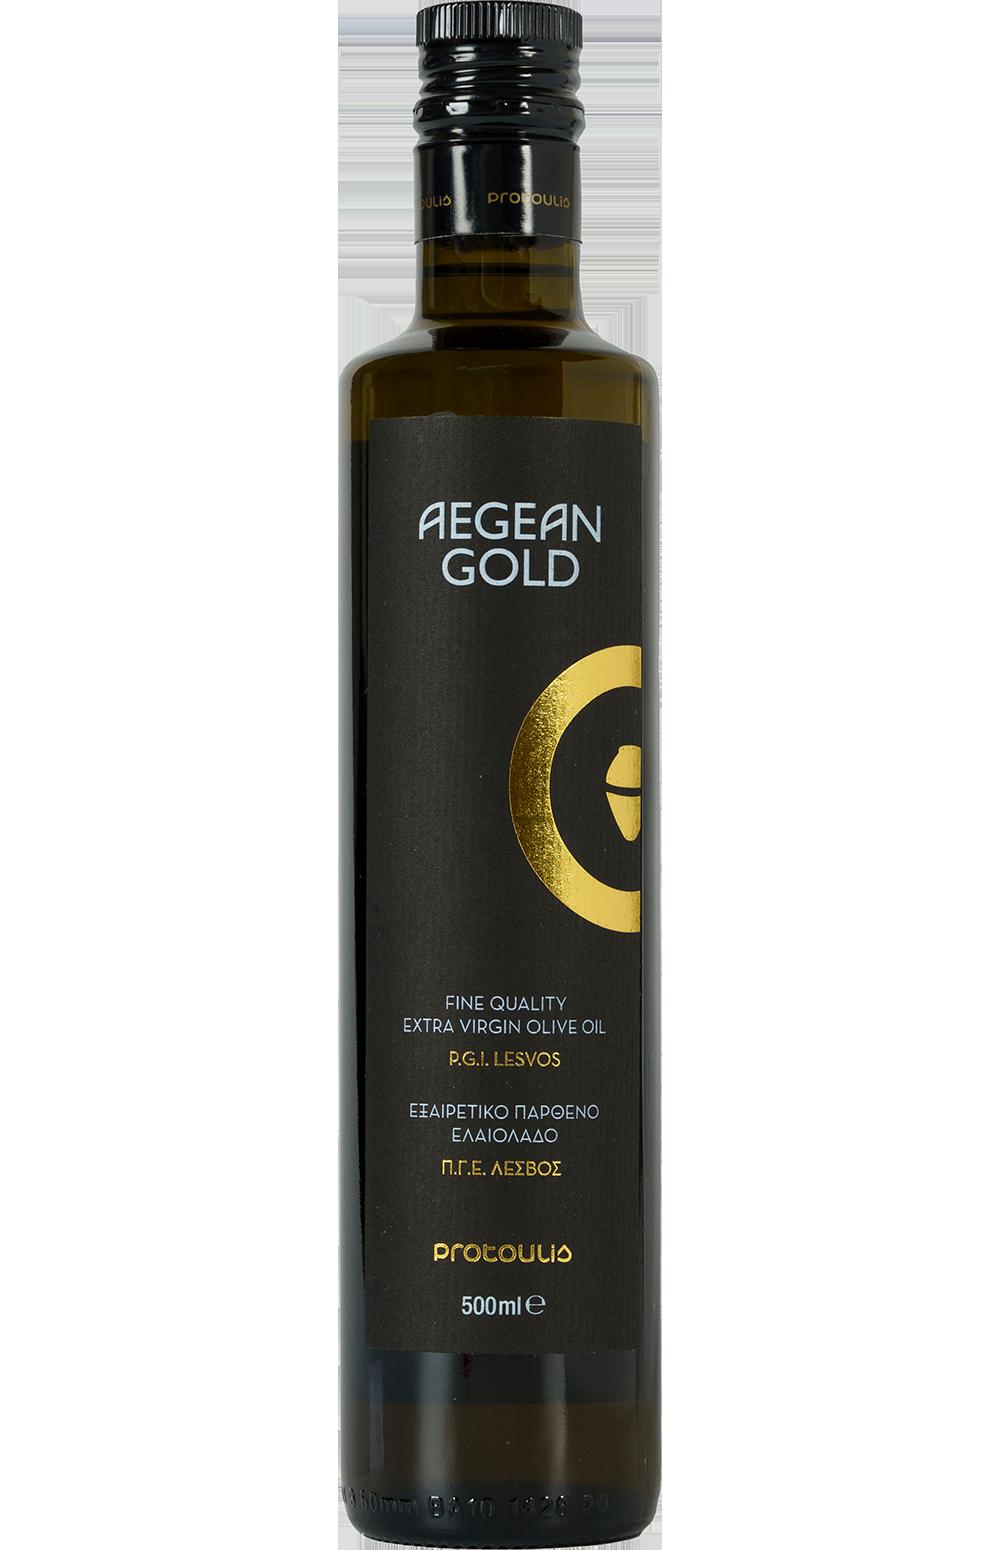 Aegean Gold